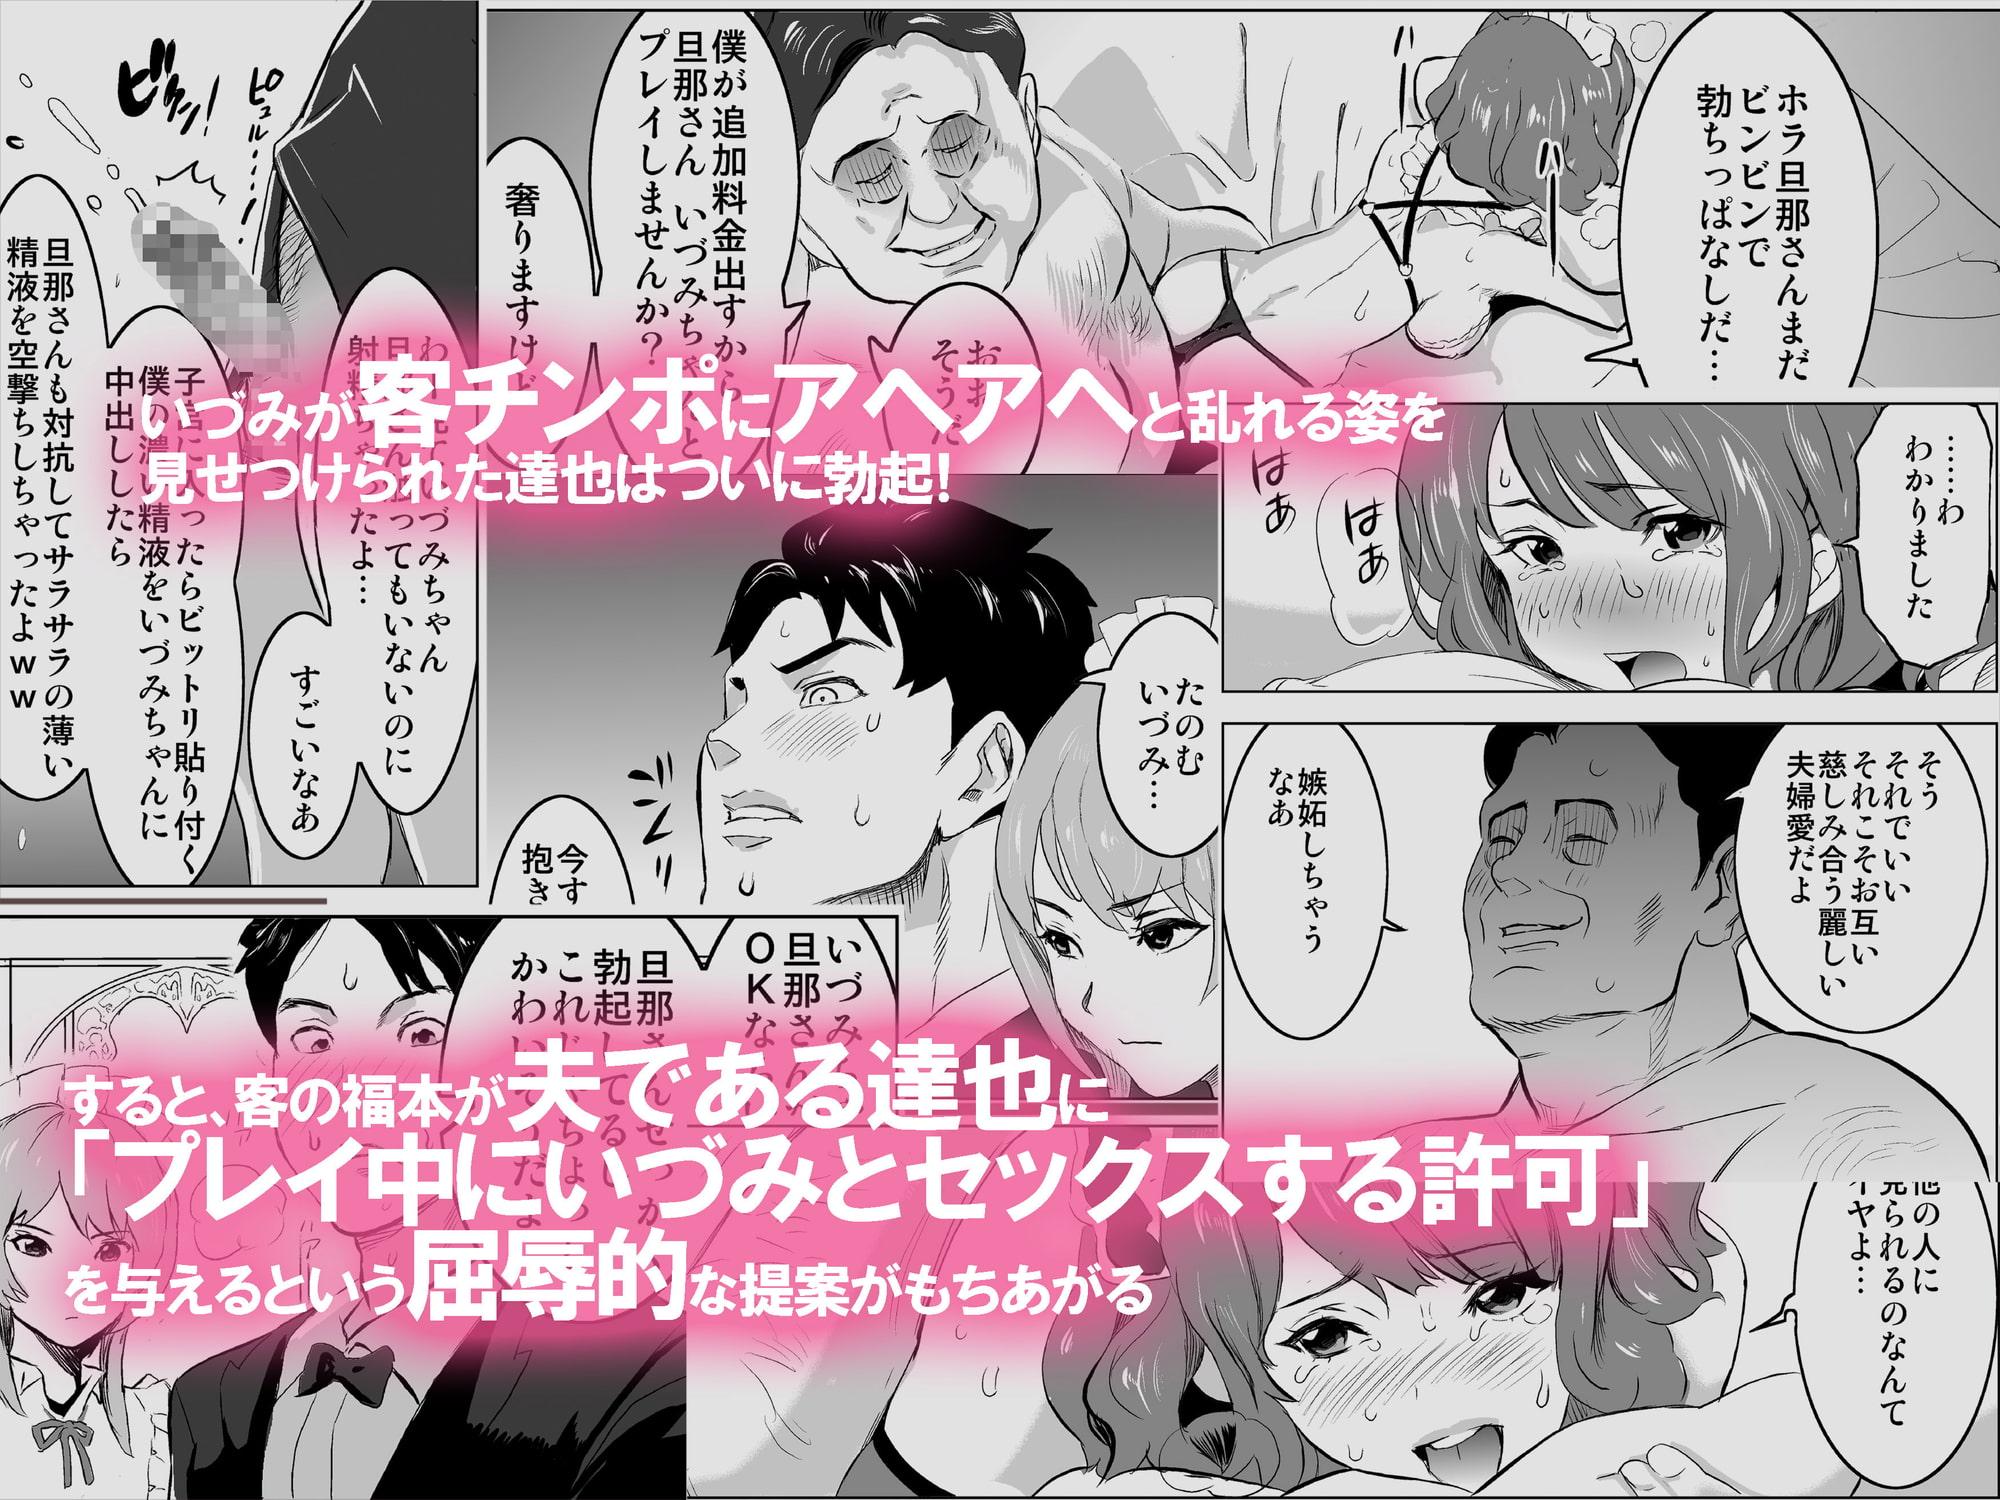 娼婦になった妻が絶頂ベロキス生中出しされた日 ~キモい客福本編~